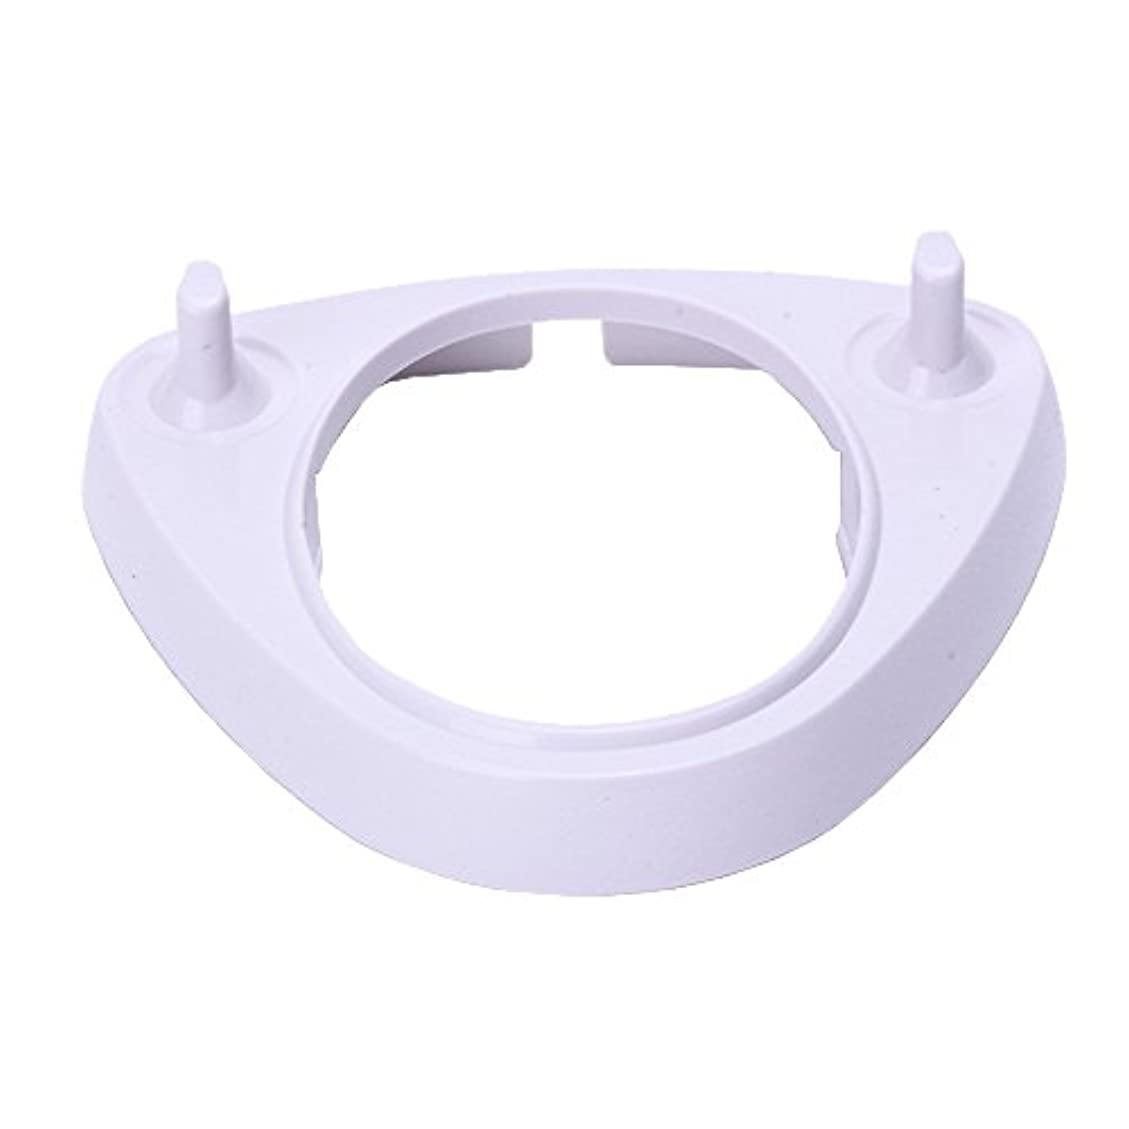 メールを書く兄弟愛変換白いハードプラスチックスタンド for ブラウンオーラルB電動歯ブラシ充電器 by Kadior